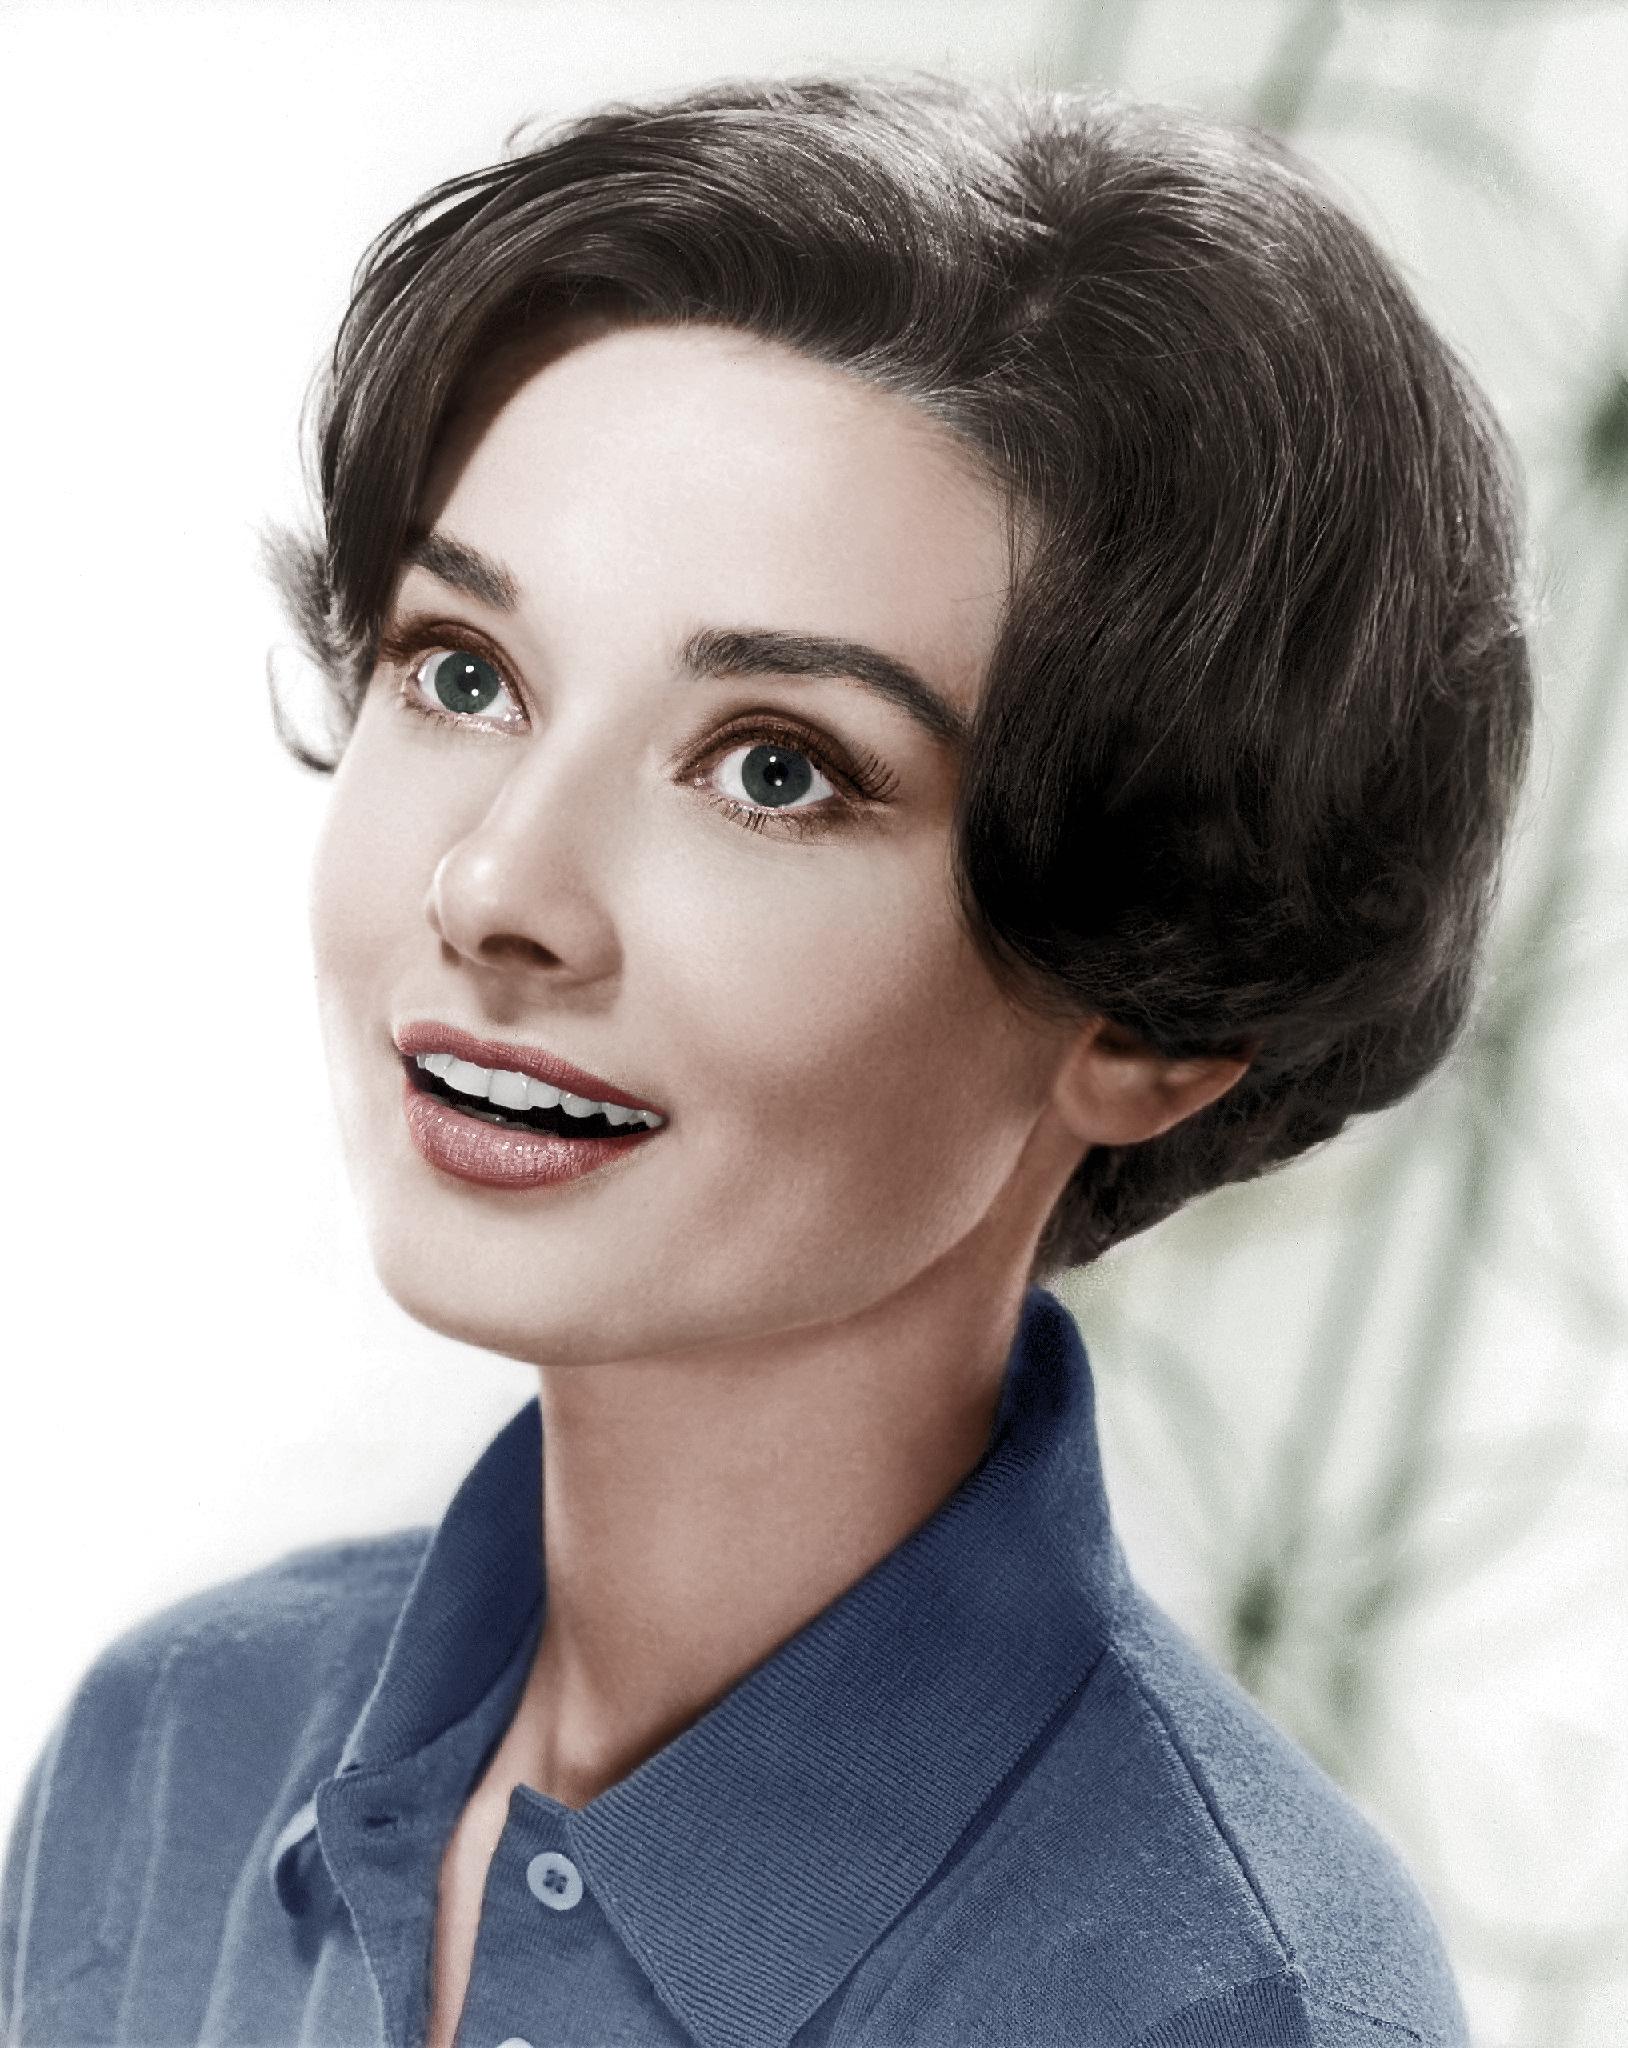 Veja o que saiu no Migalhas sobre Audrey Hepburn